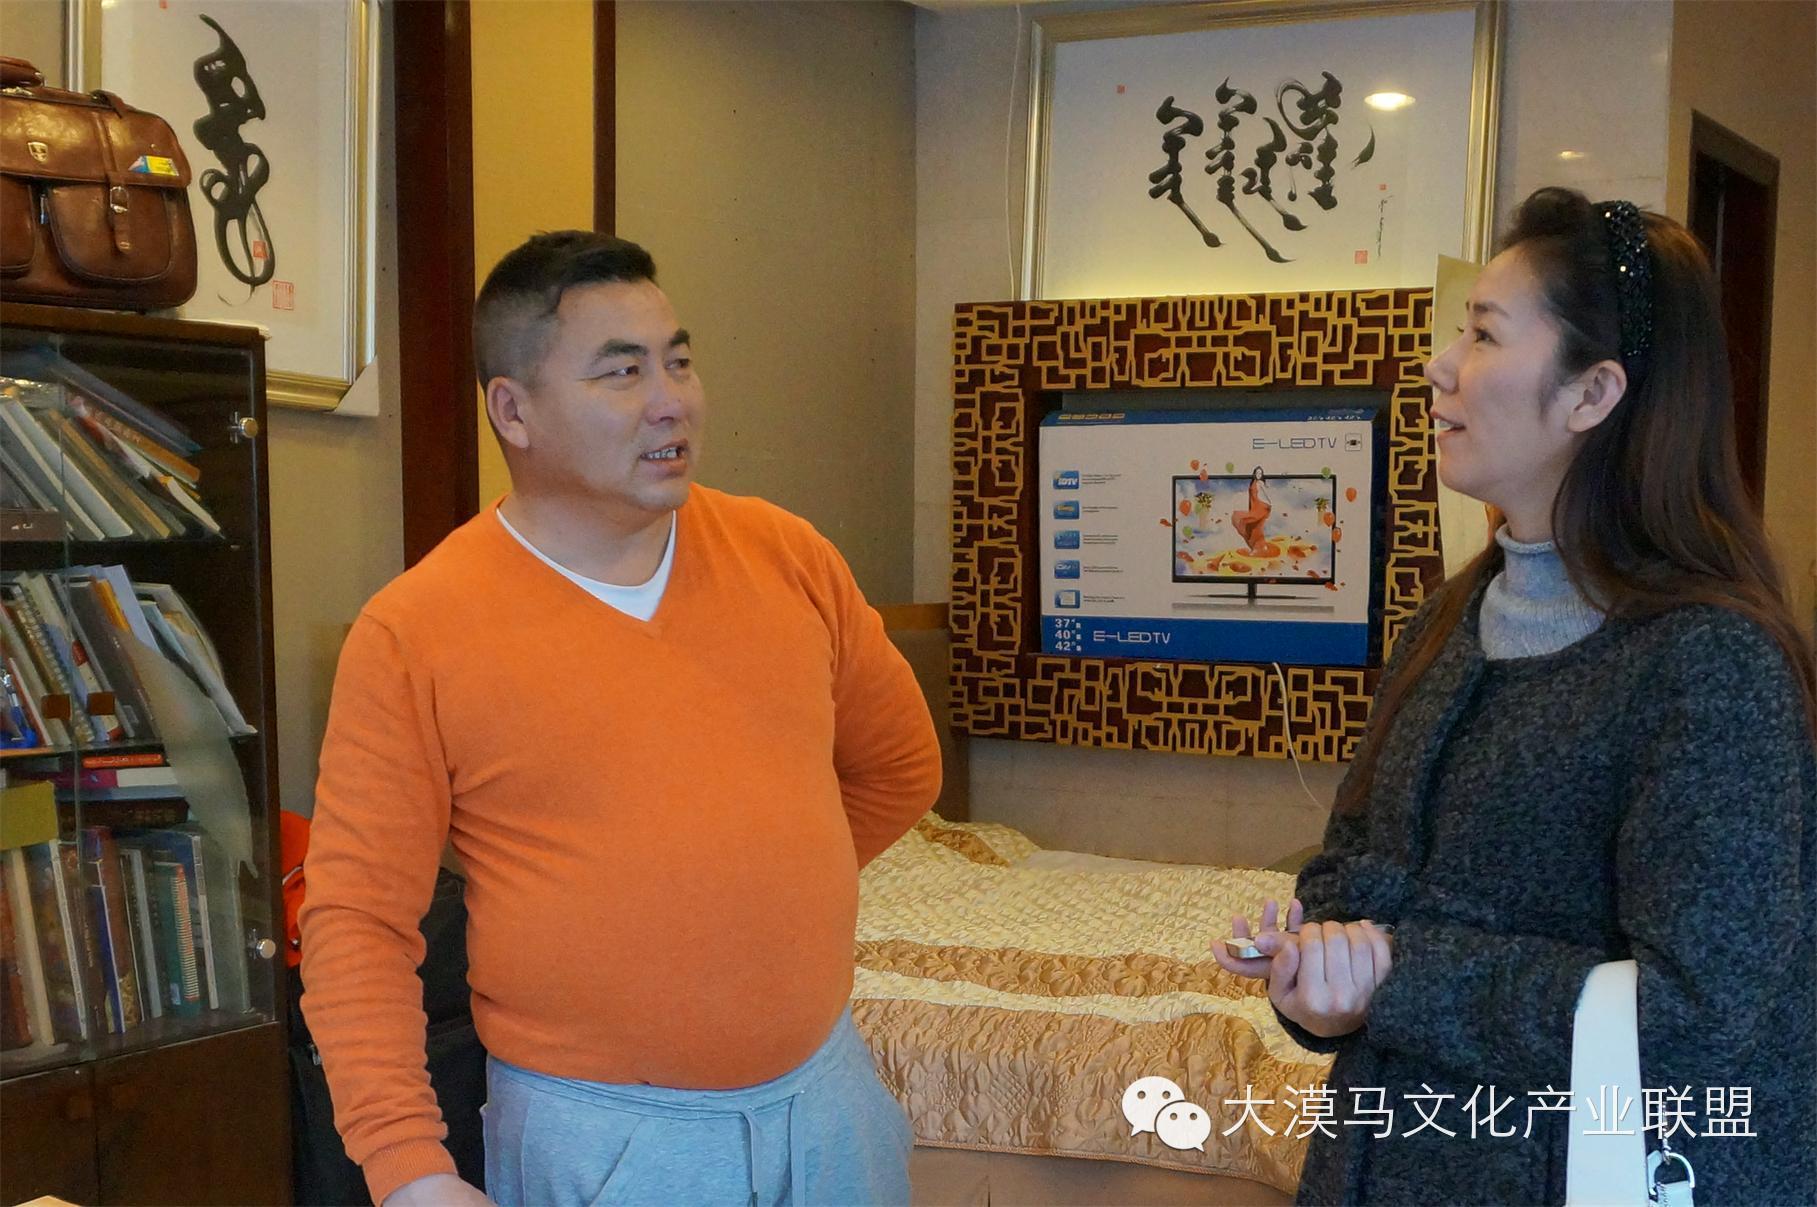 大召当代艺术中心蒙古国画家【拉·苏和巴特尔】 第14张 大召当代艺术中心蒙古国画家【拉·苏和巴特尔】 蒙古画廊